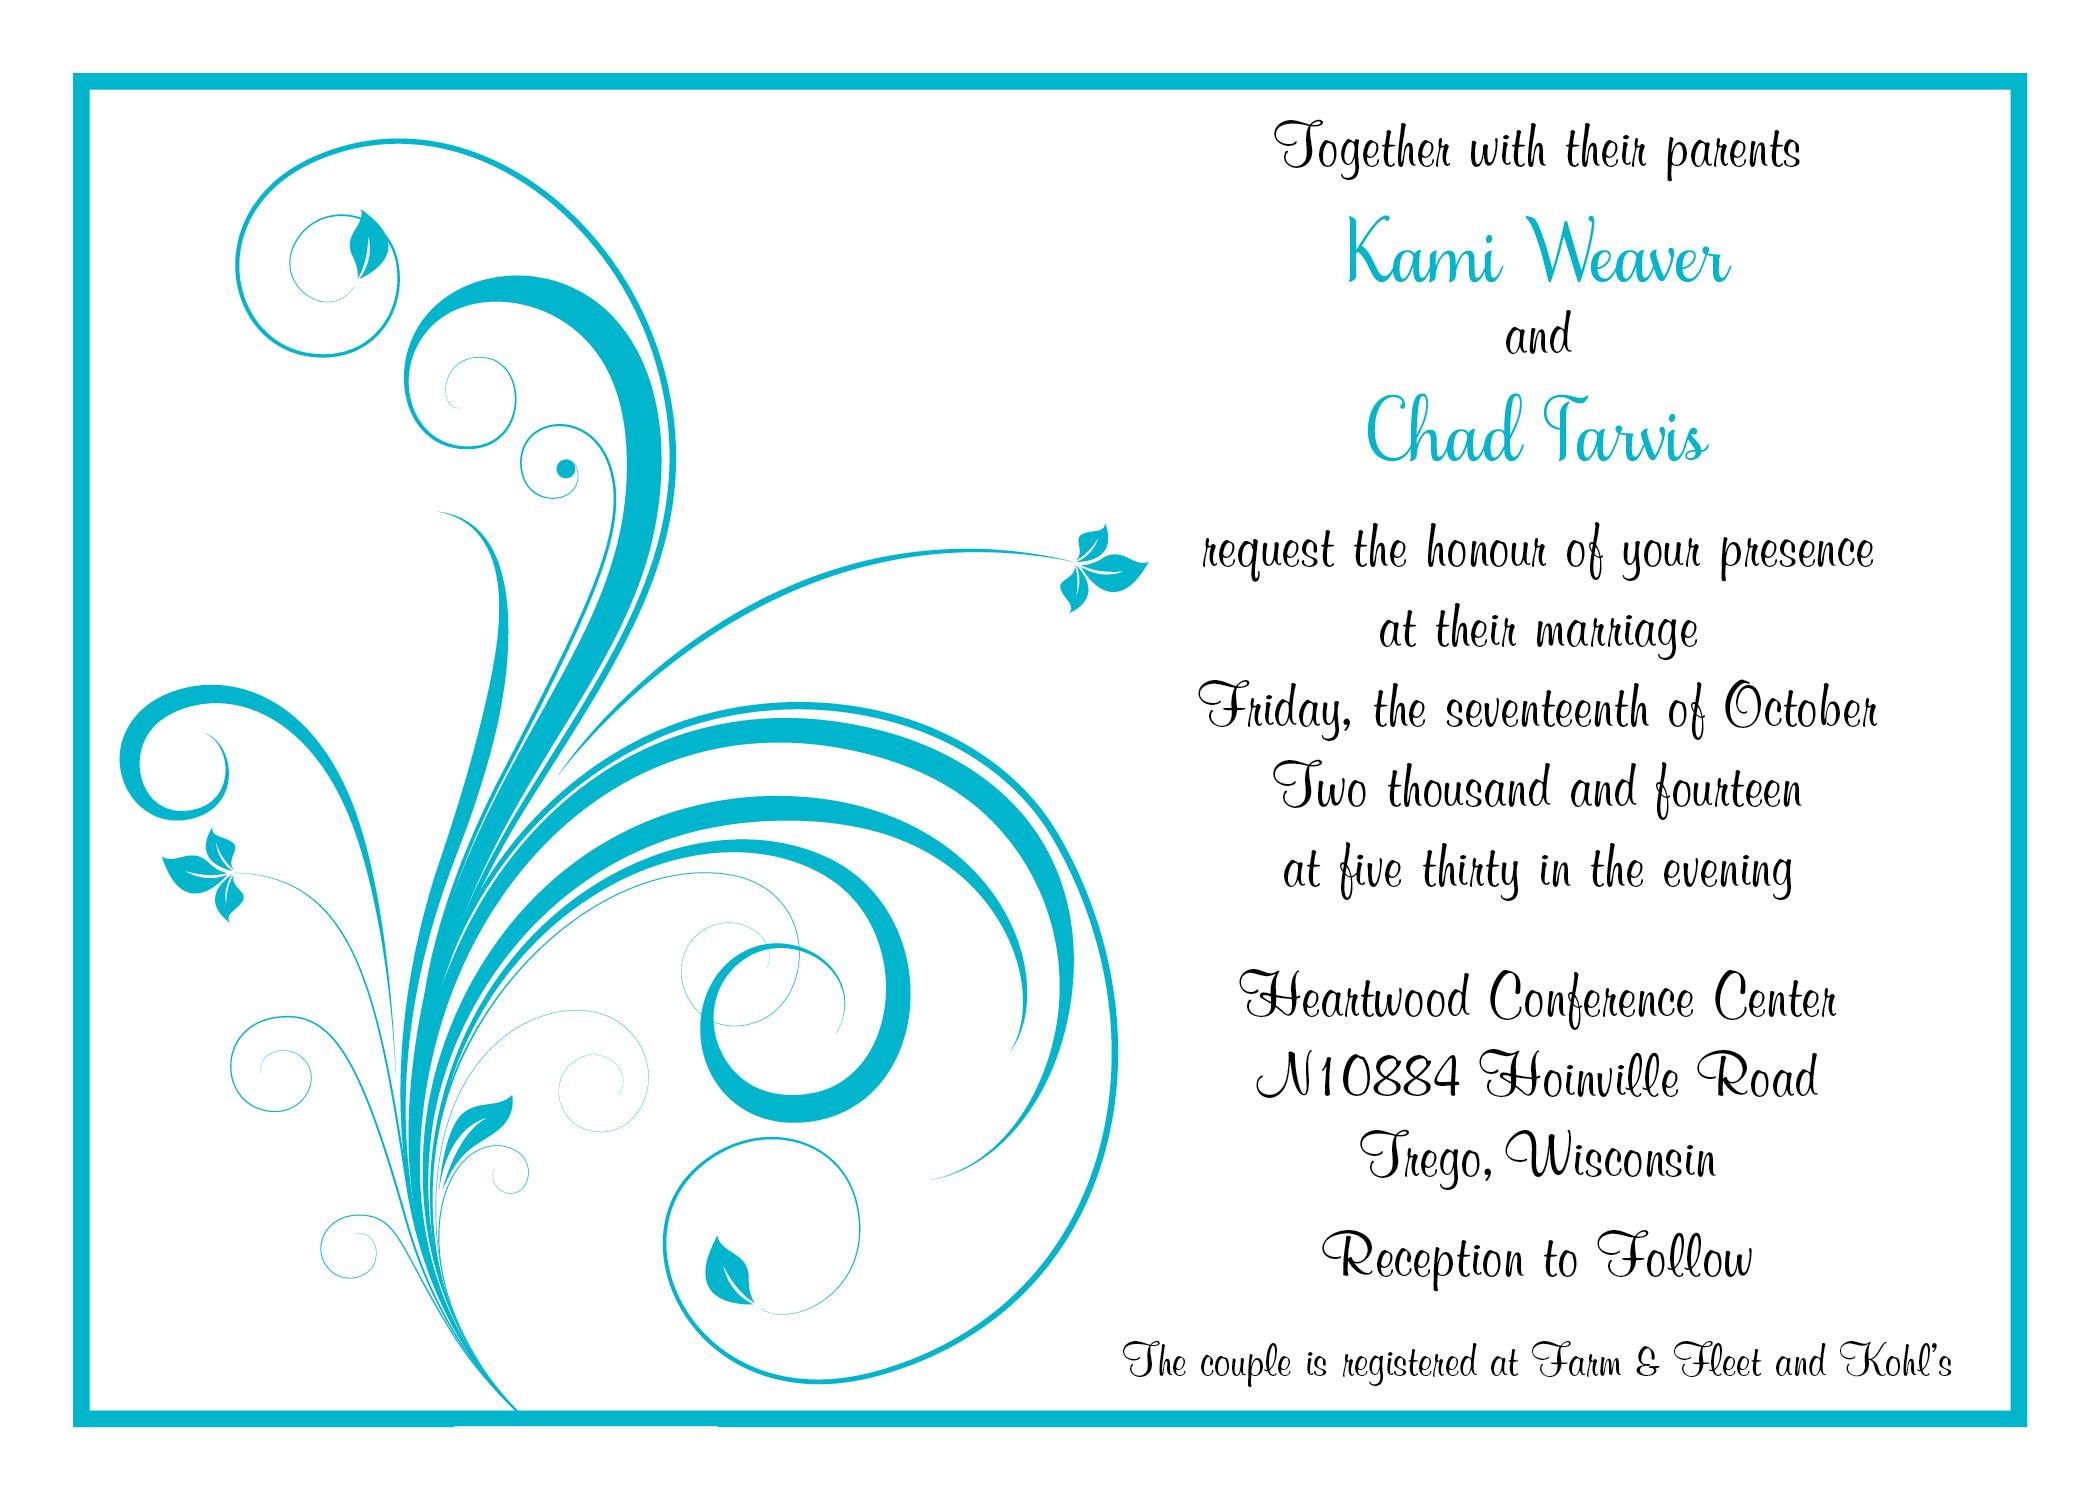 INVITE-WeaverTarvis.jpg